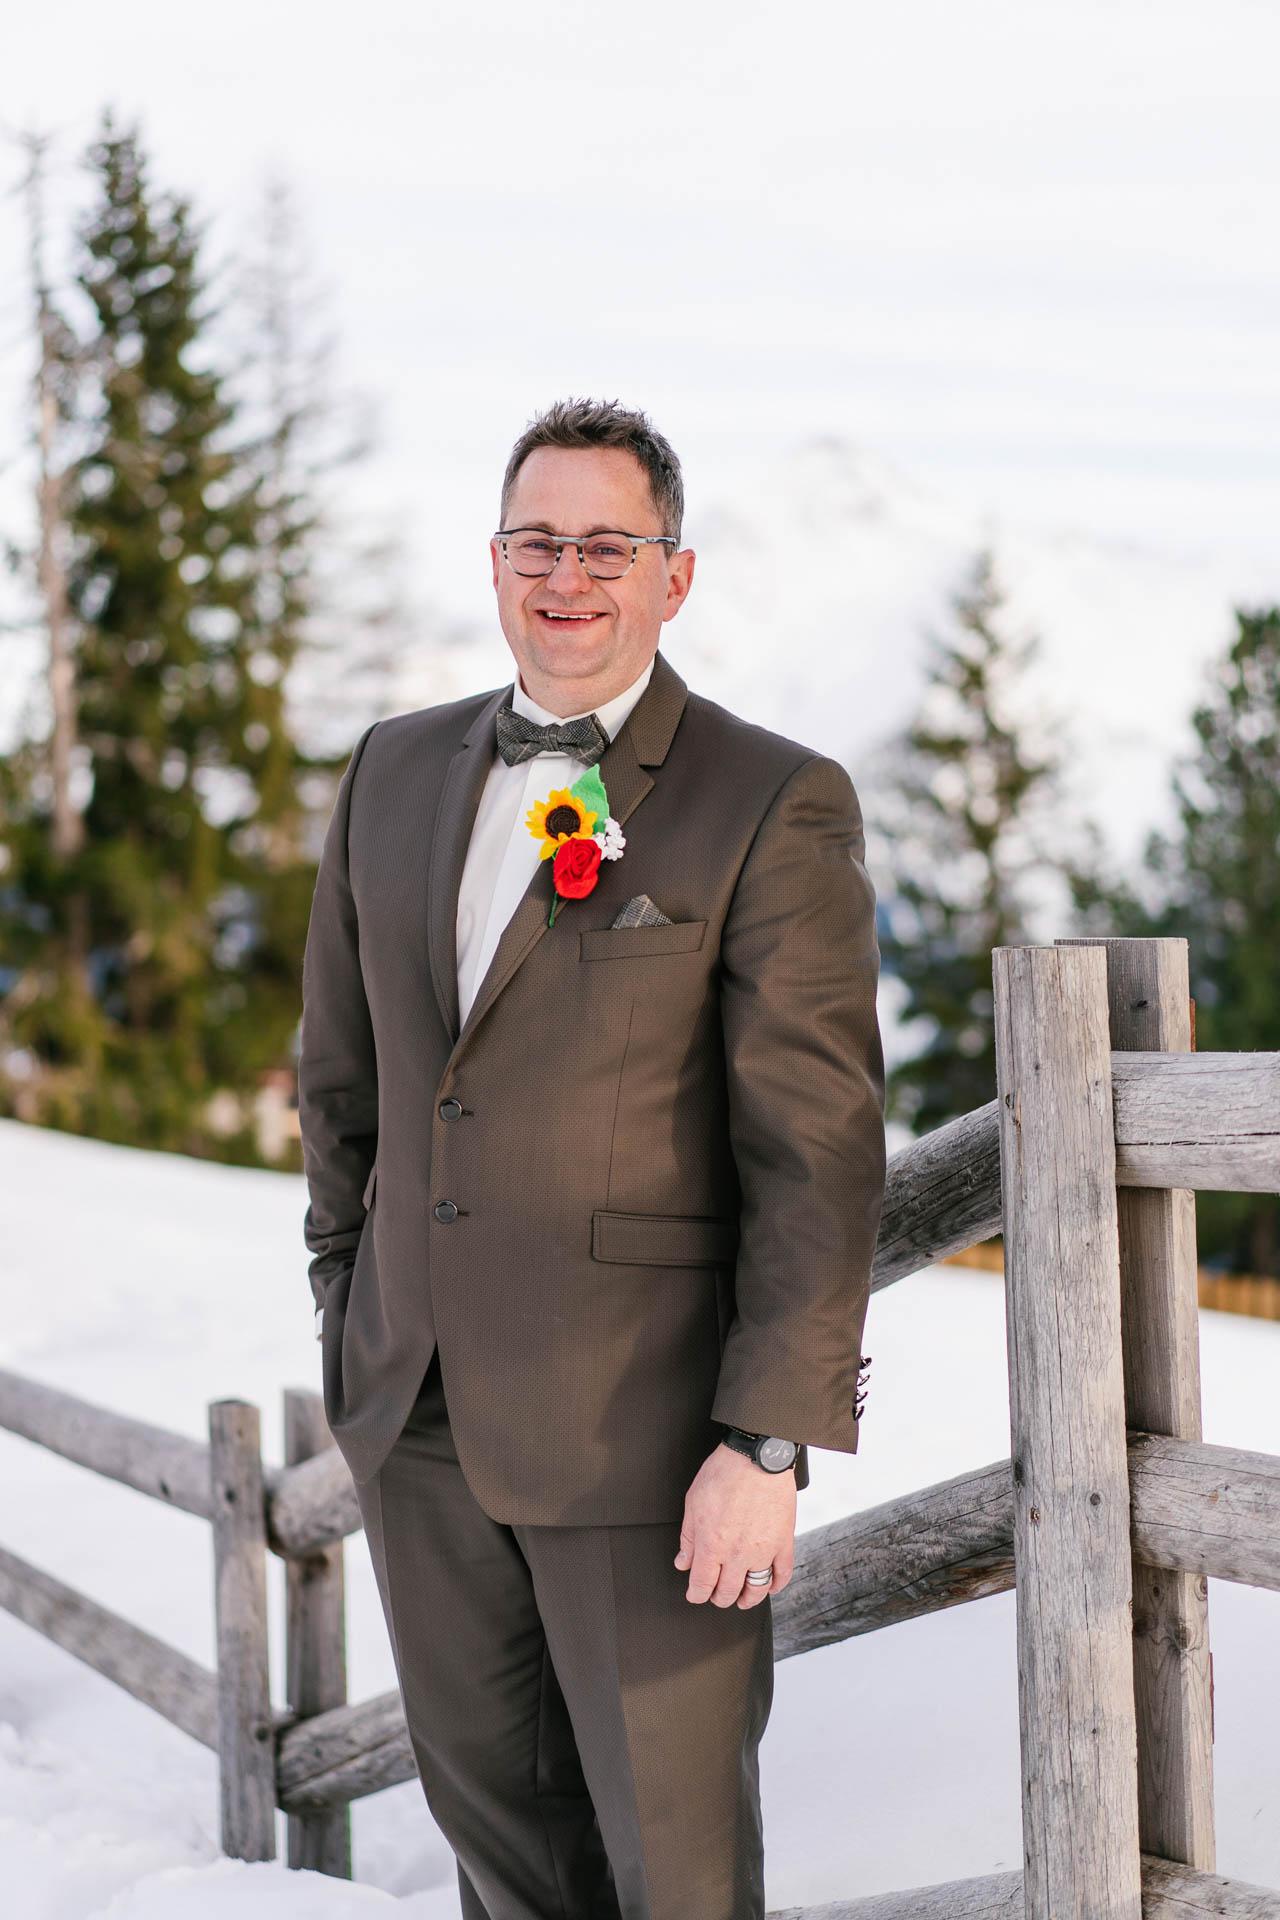 glücklich lächelnder Bräutigam im Schnee